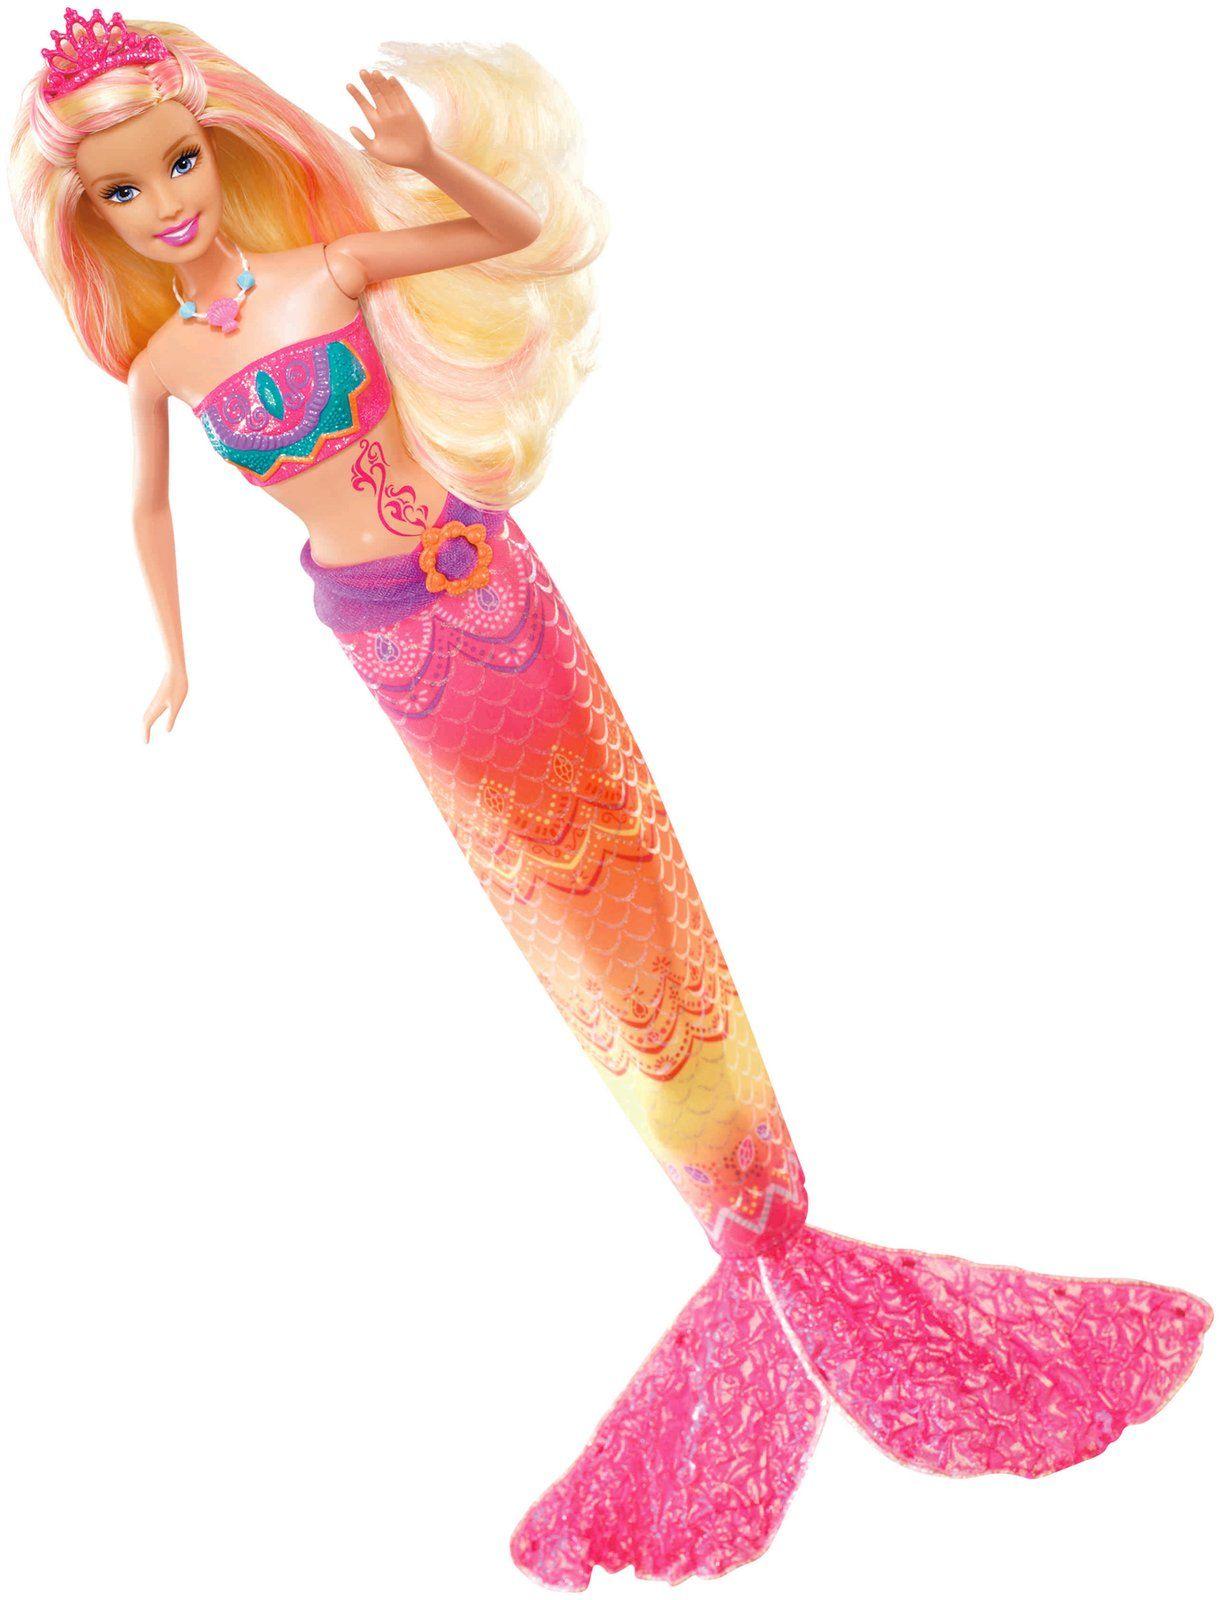 Barbie in a mermaid tale 2 merliah transforming doll - Barbi sirene 2 film ...